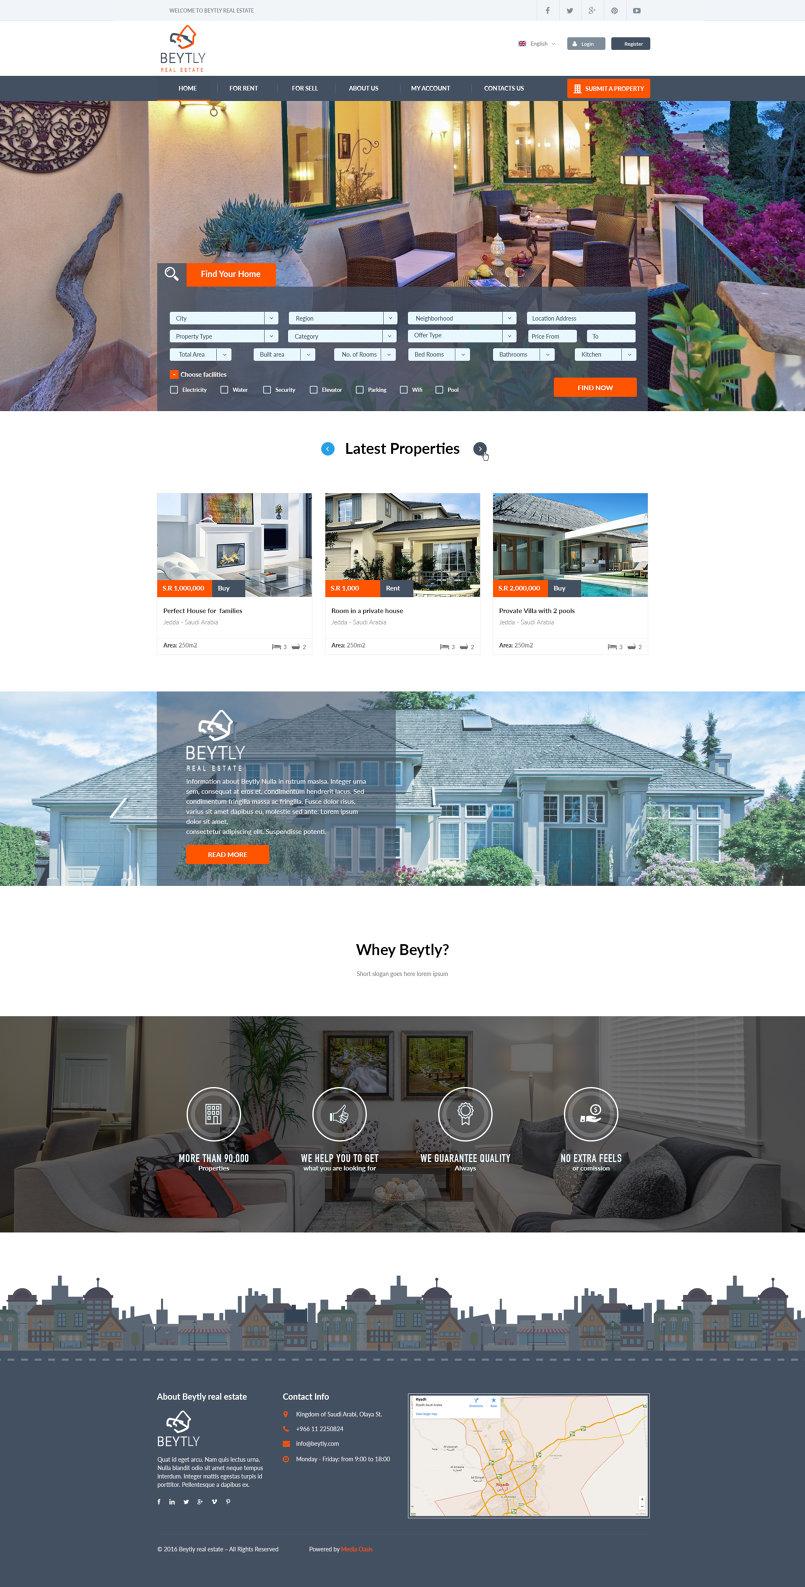 بعض من اعمالي في مجال تصميم المواقع و تطبيقات الجوال